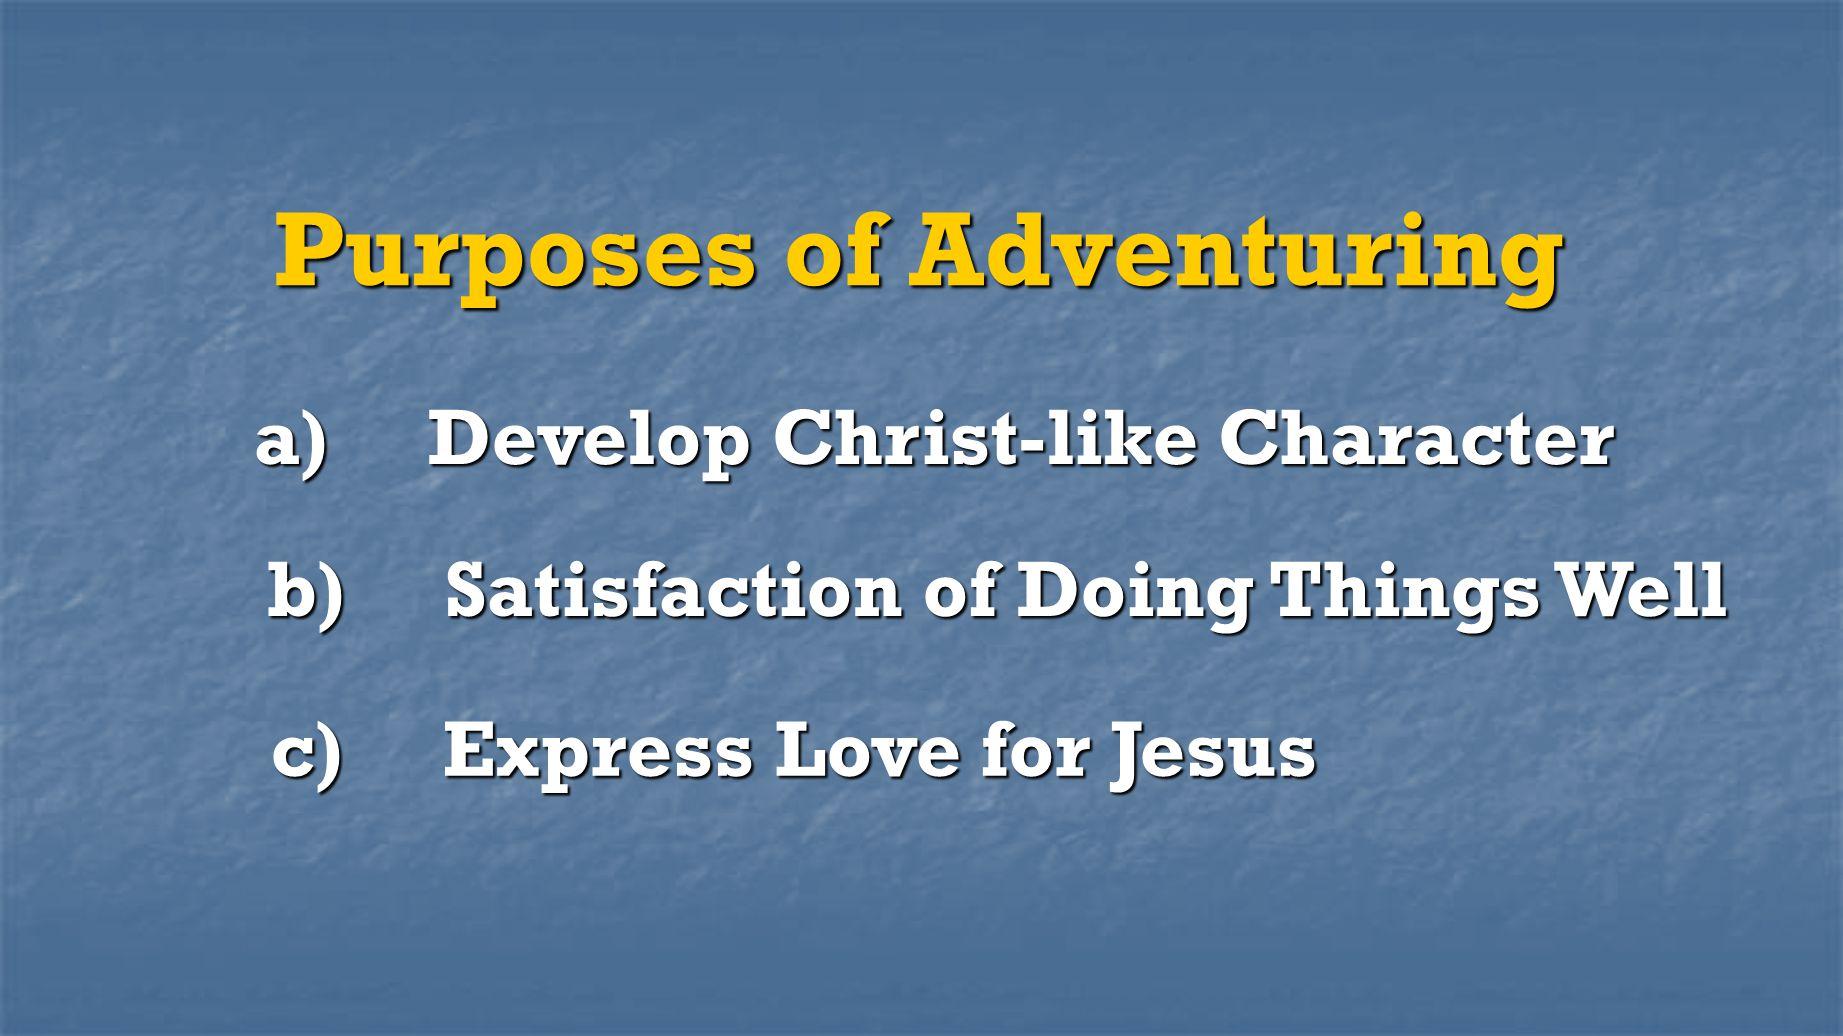 Purposes of Adventuring